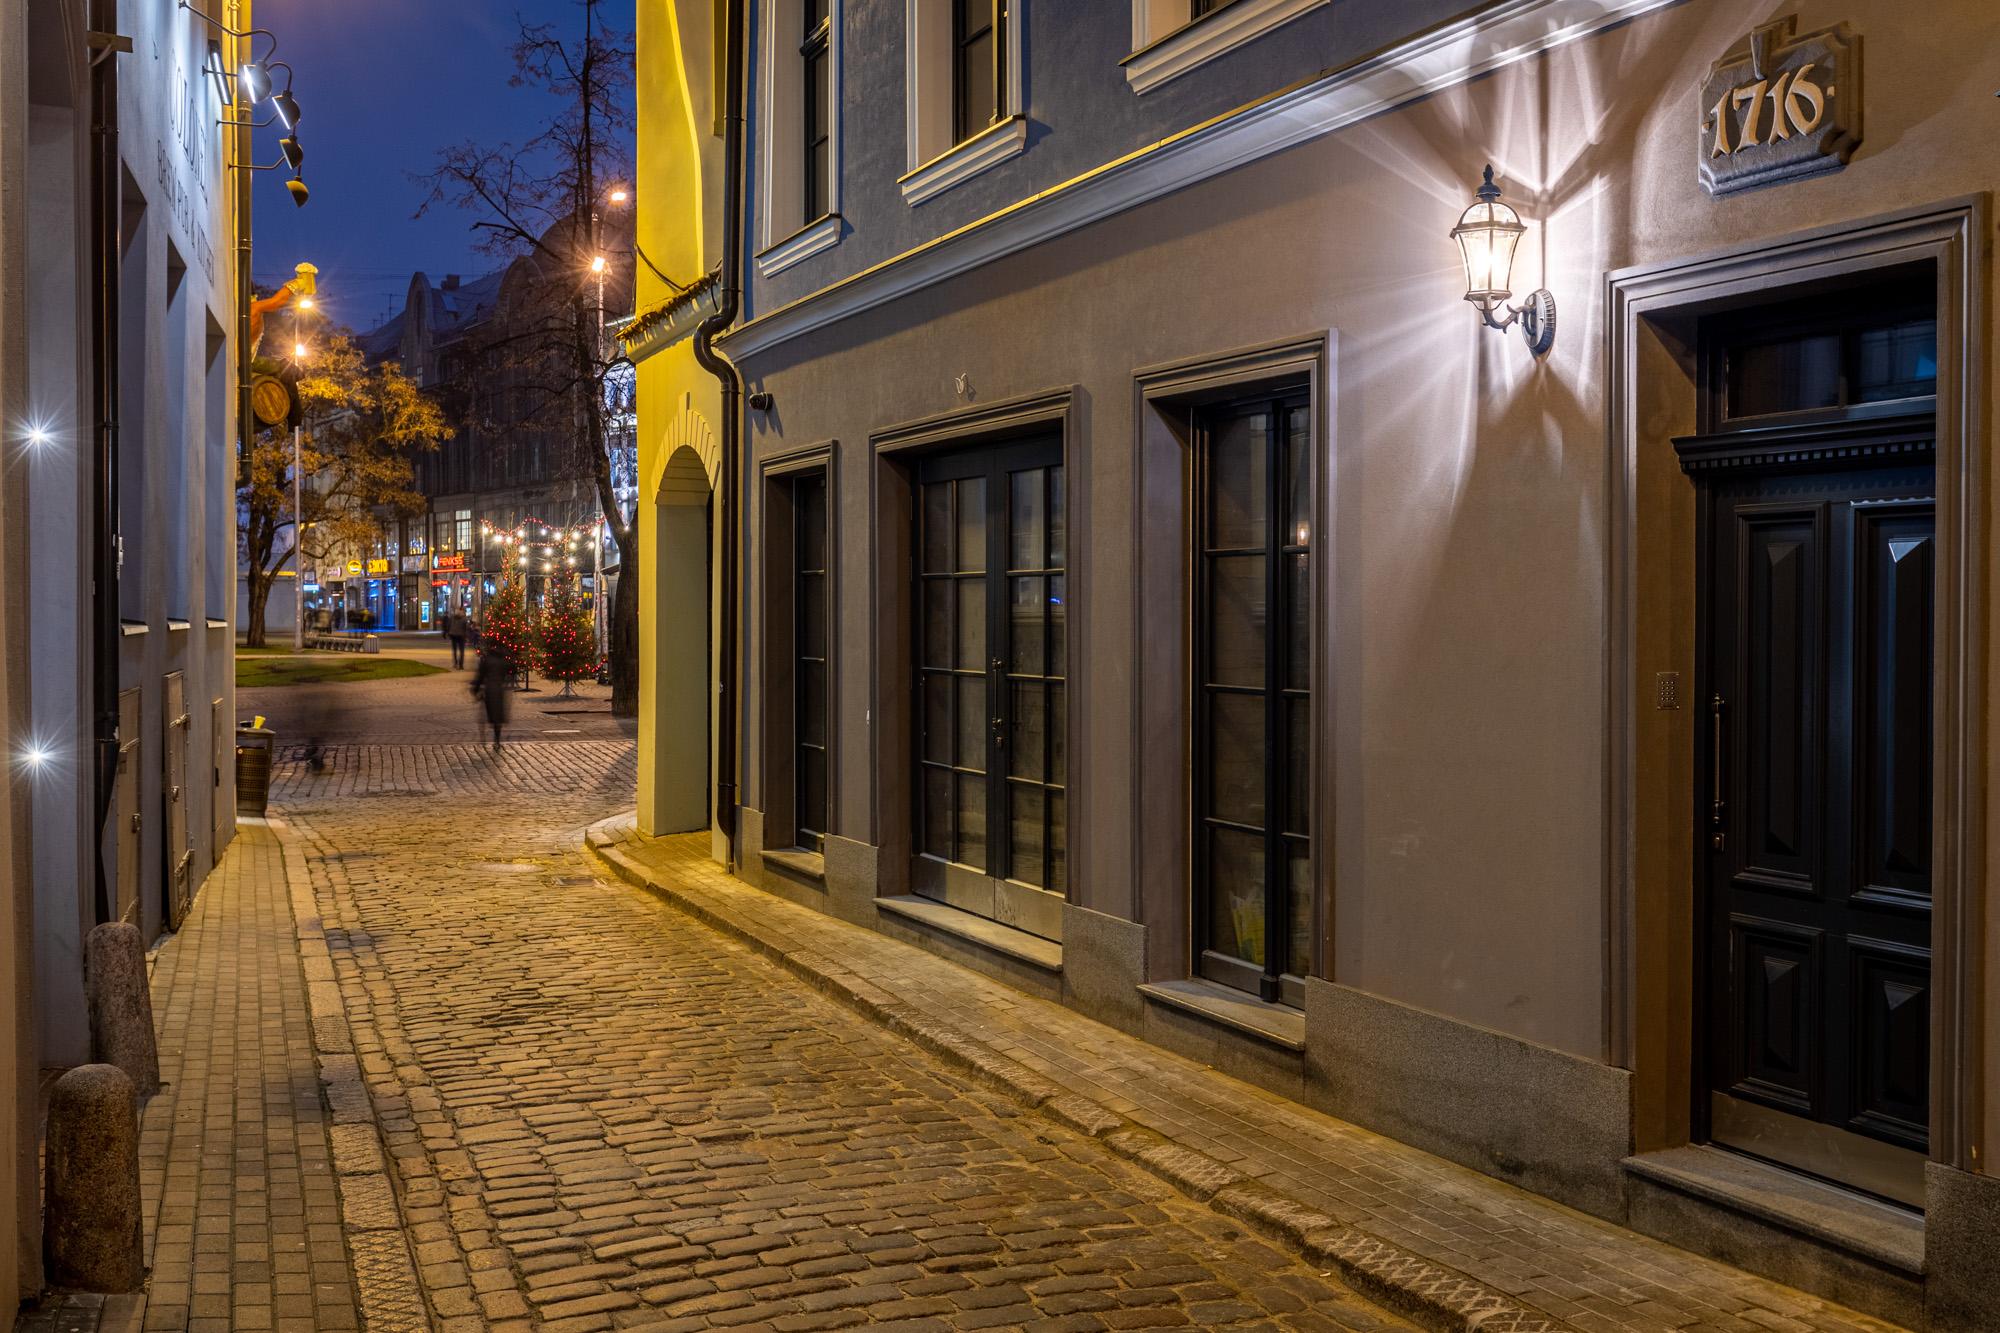 Retail premises for sale, Laipu street - Image 1